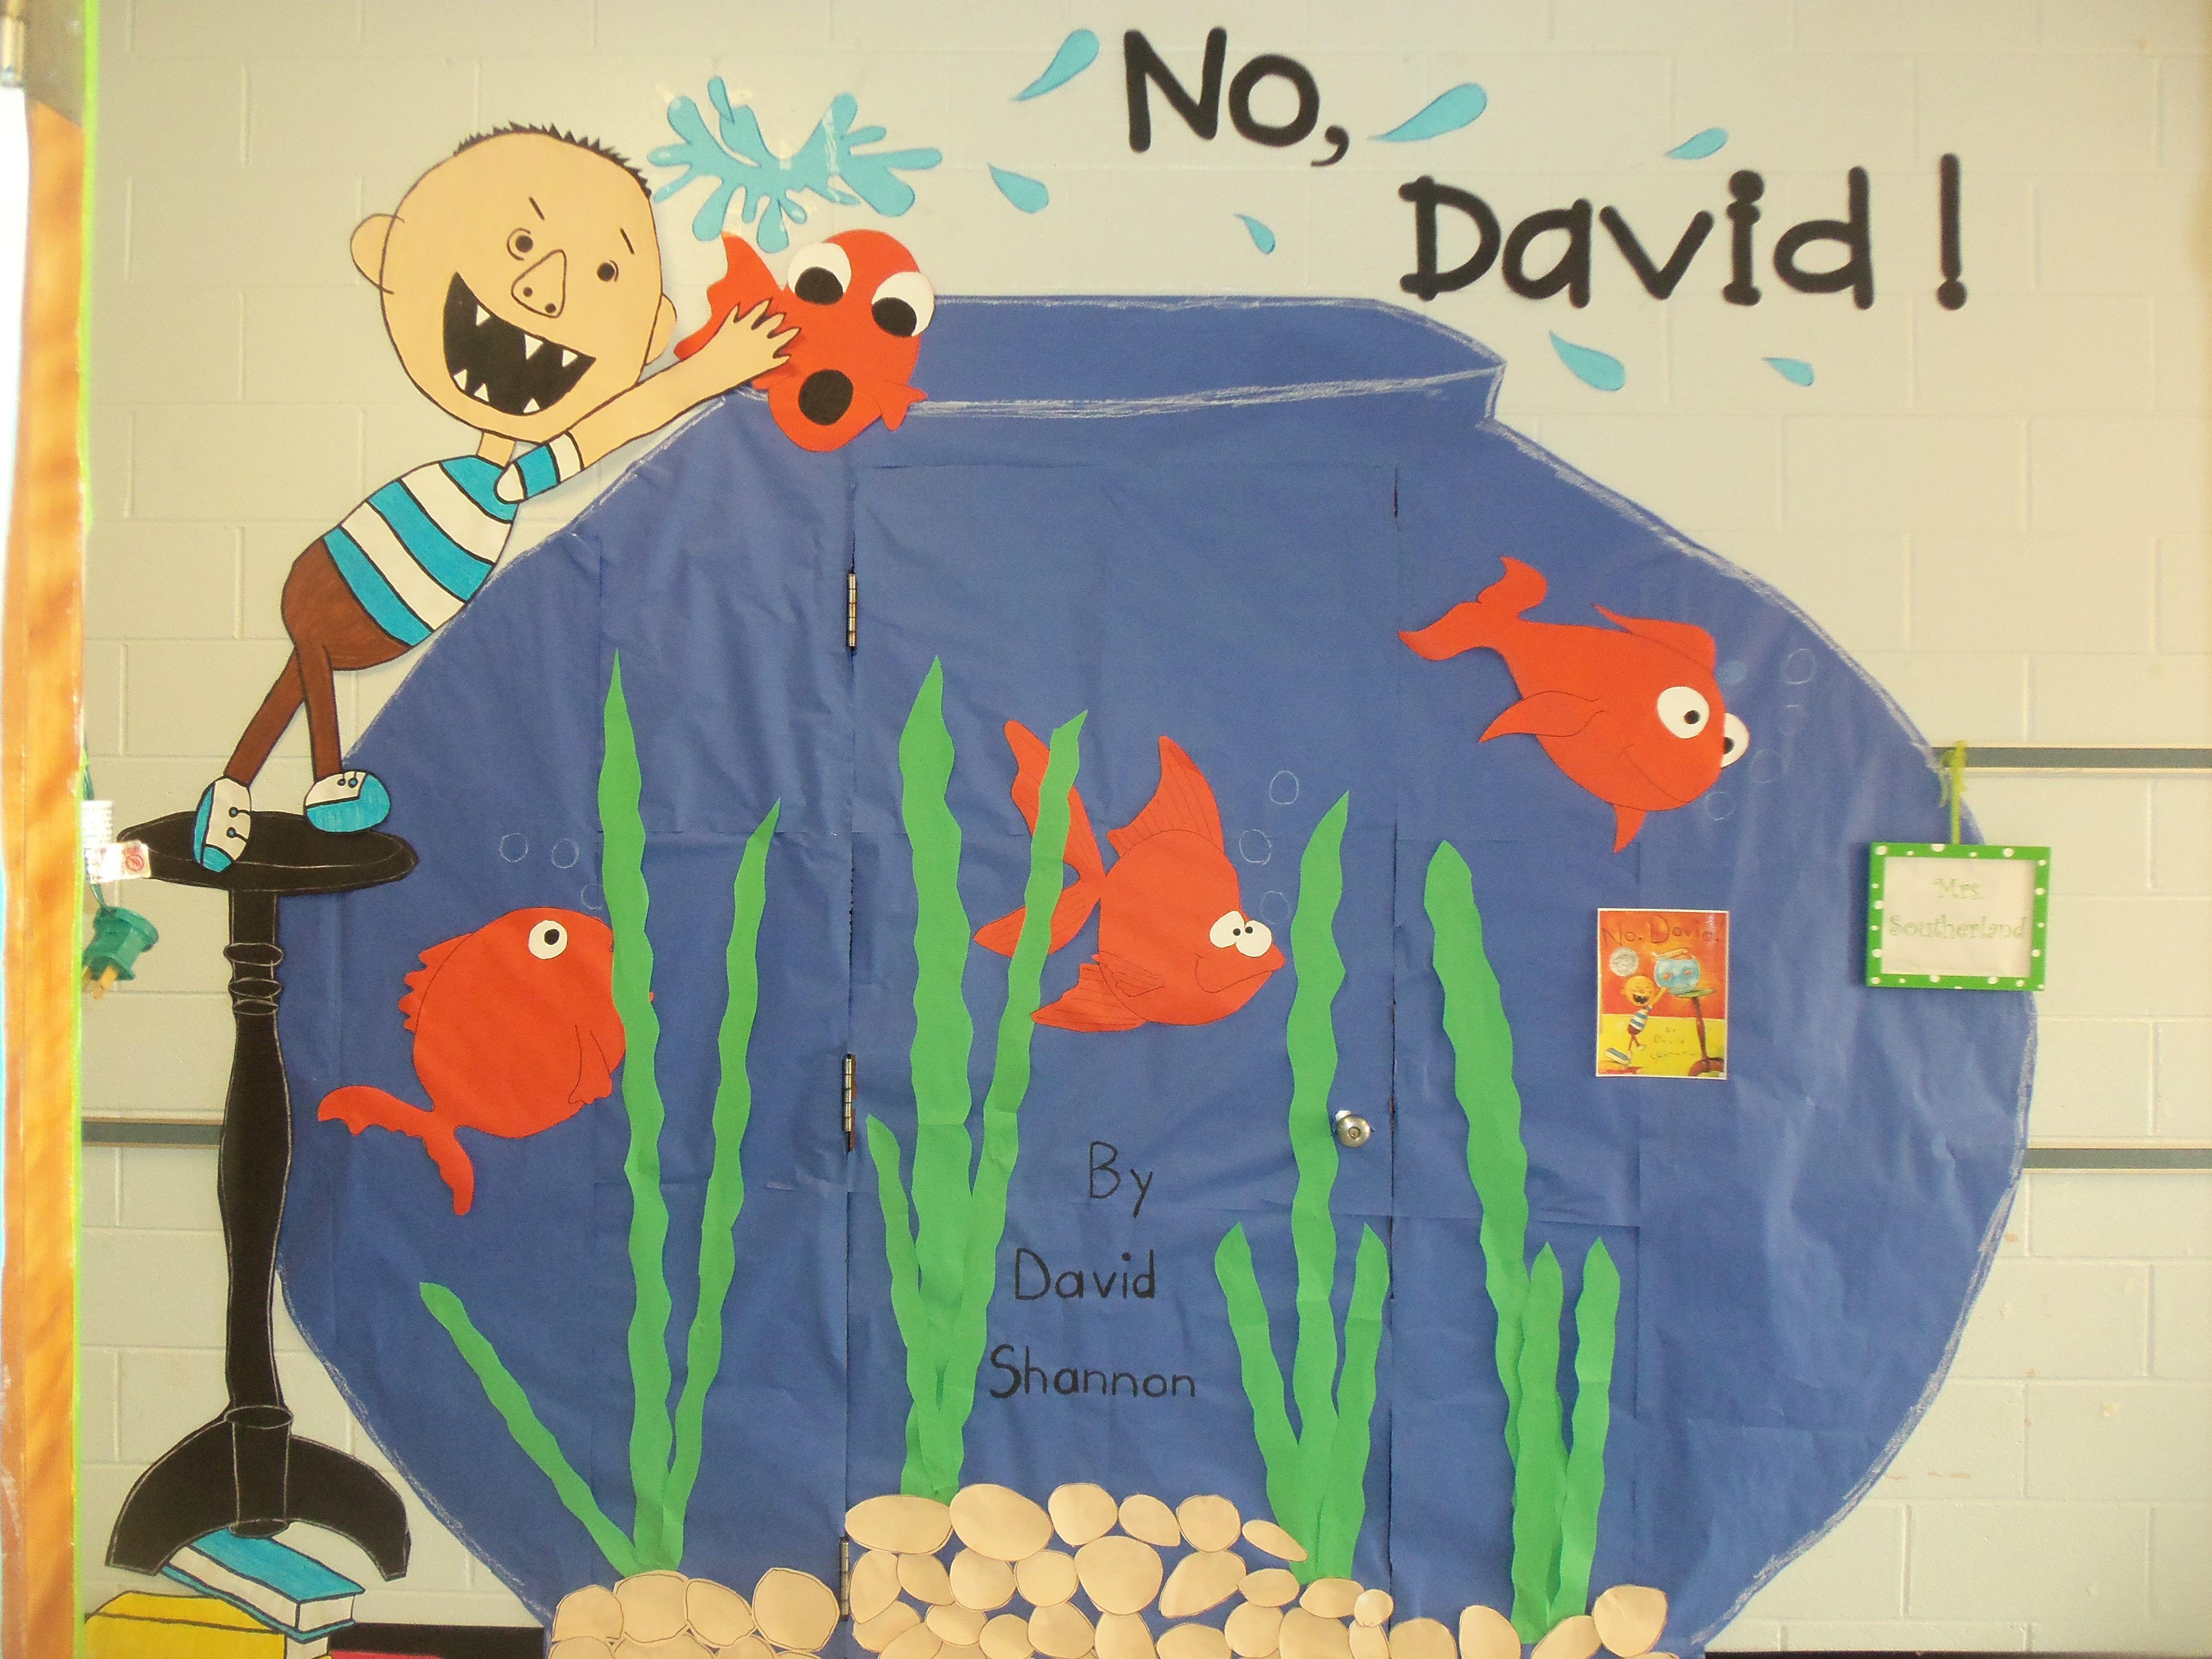 No David! & No David! | Door Decorating | Pinterest | Bulletin board and Door ... pezcame.com